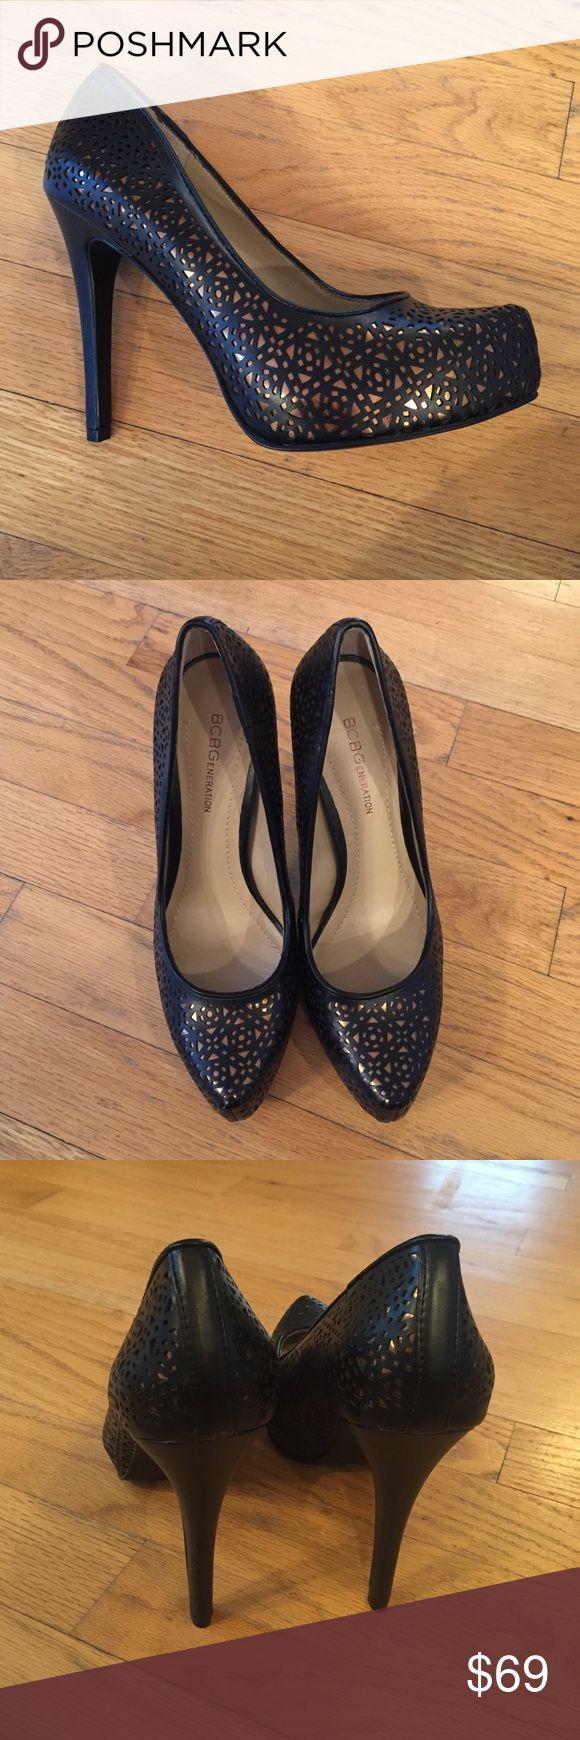 Fantastic BCBG Platform Black and Gold Pumps Brand new black and gold high heels. BCBGeneration Shoes Heels